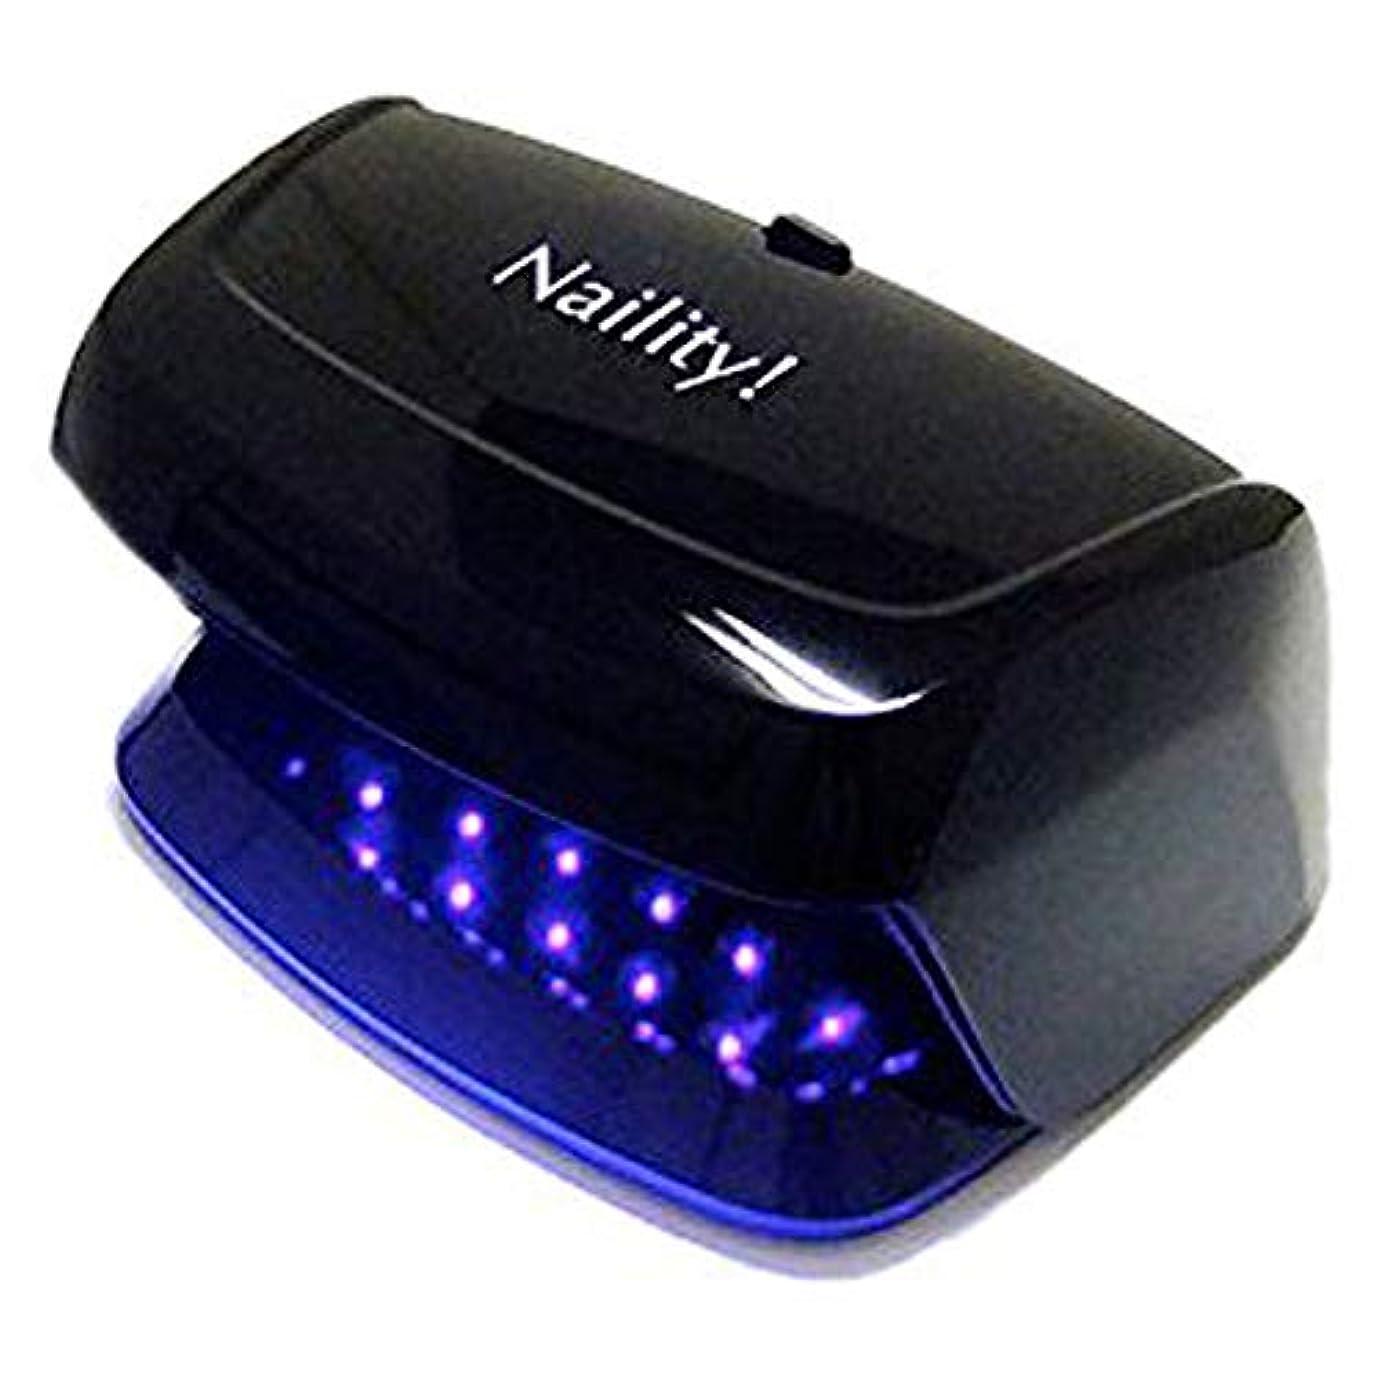 産地原因麻痺Naility!(ネイリティ!) Naility! LEDライト 3W /Black ジェルネイル 1個